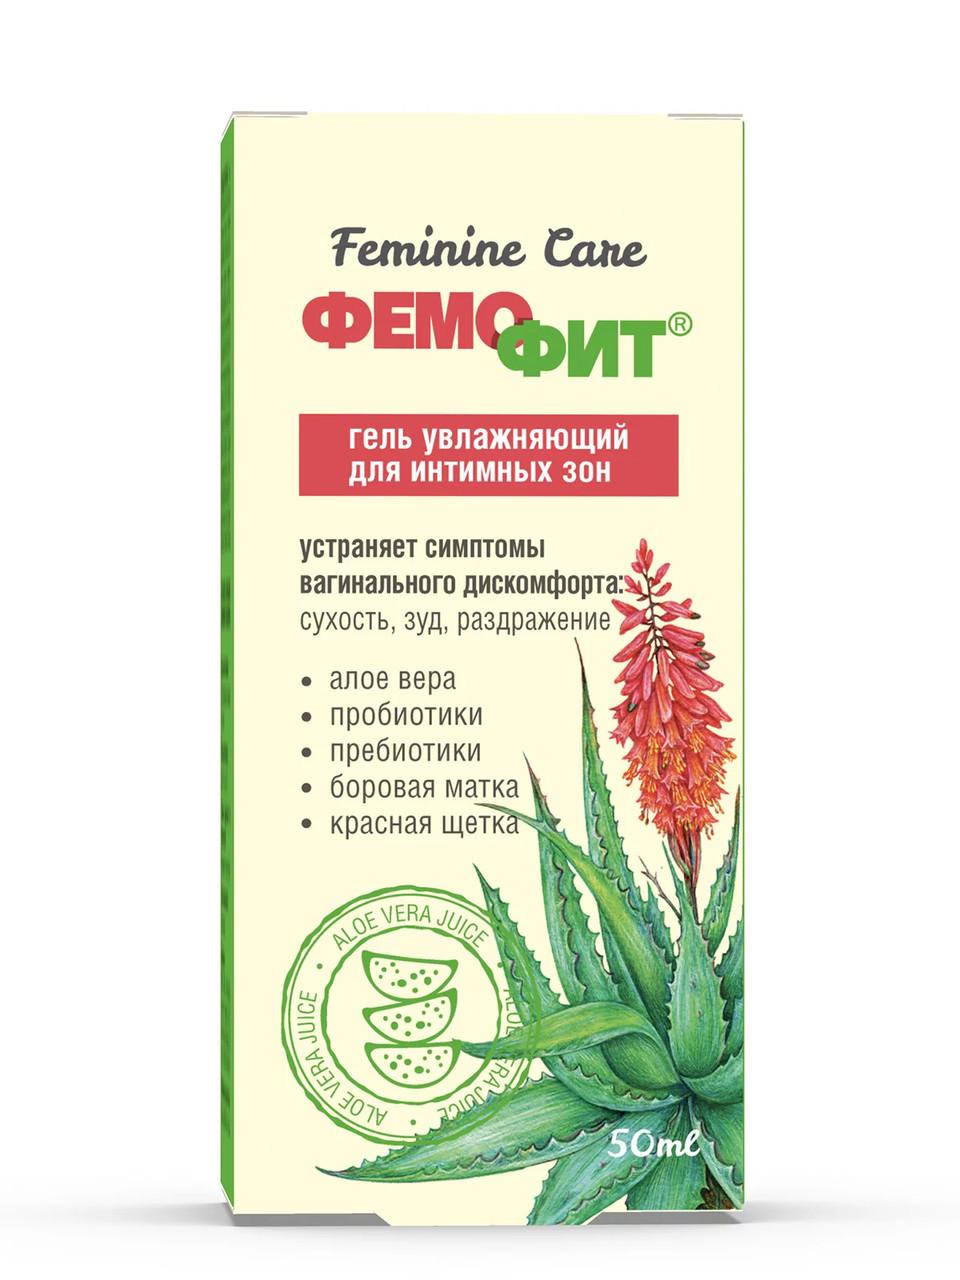 Гель для интимных зон «Фемофит» (50 мл)